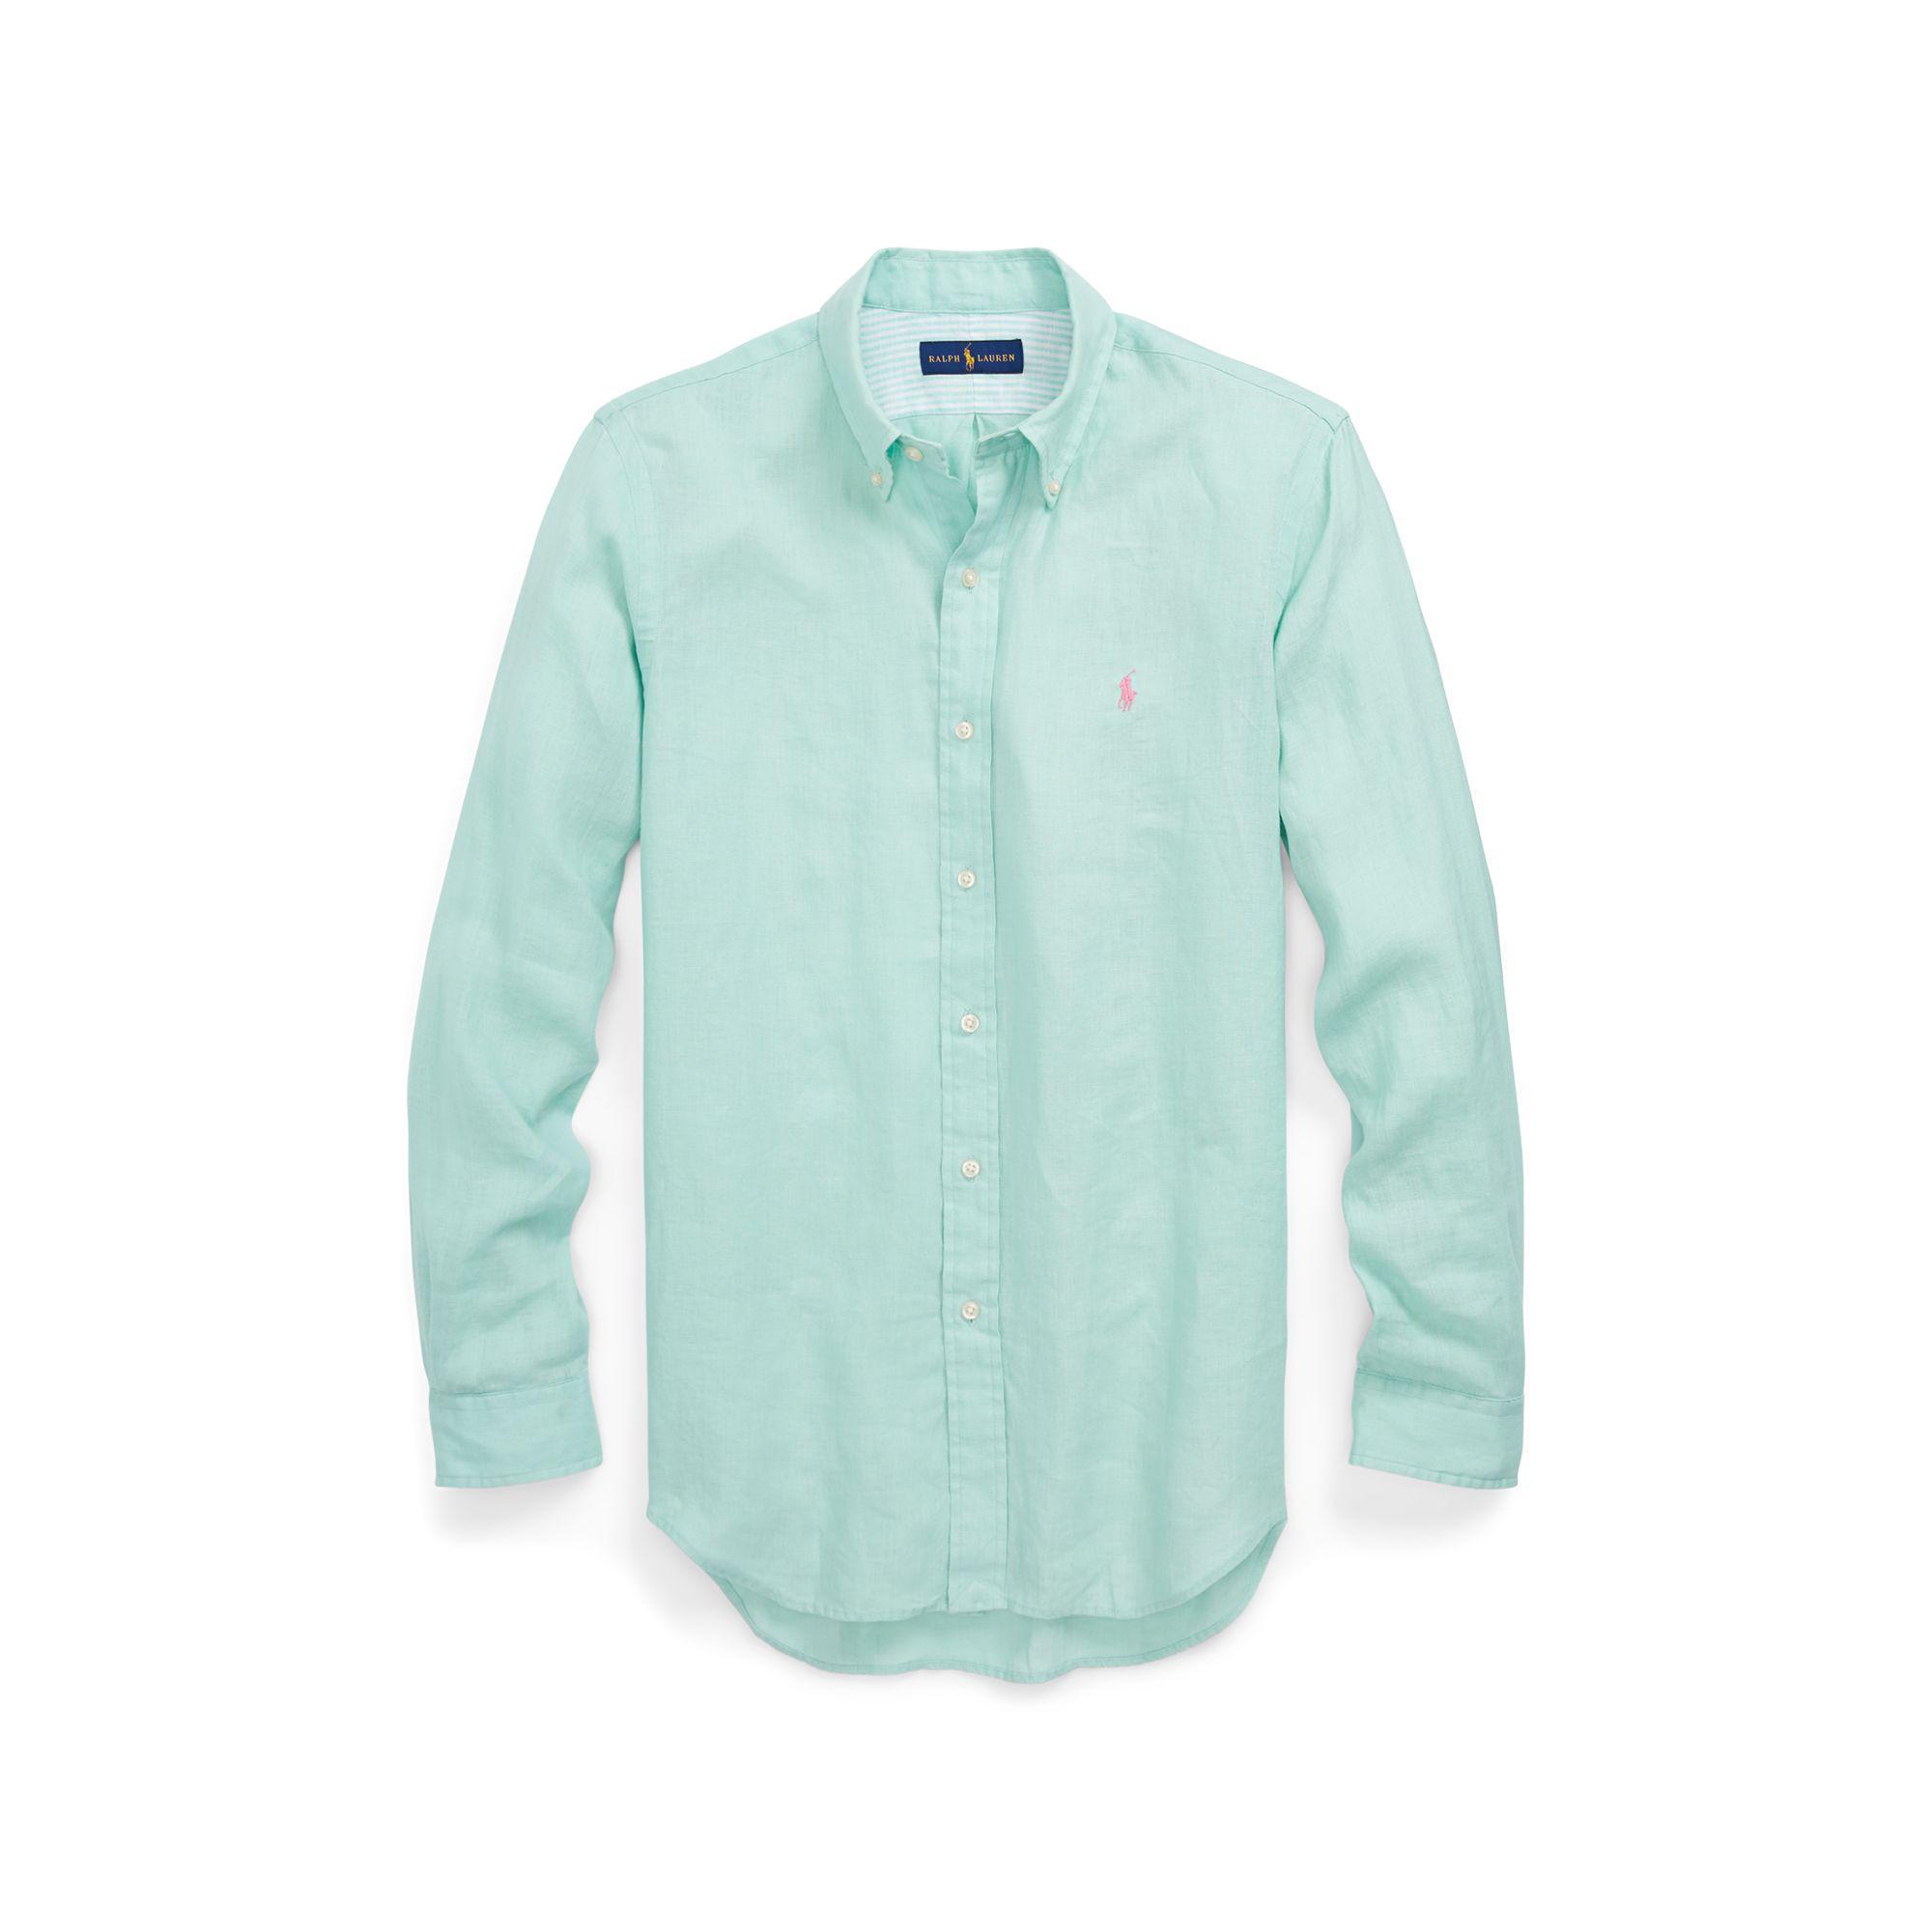 polo ralph lauren classic fit linen shirt in green for men